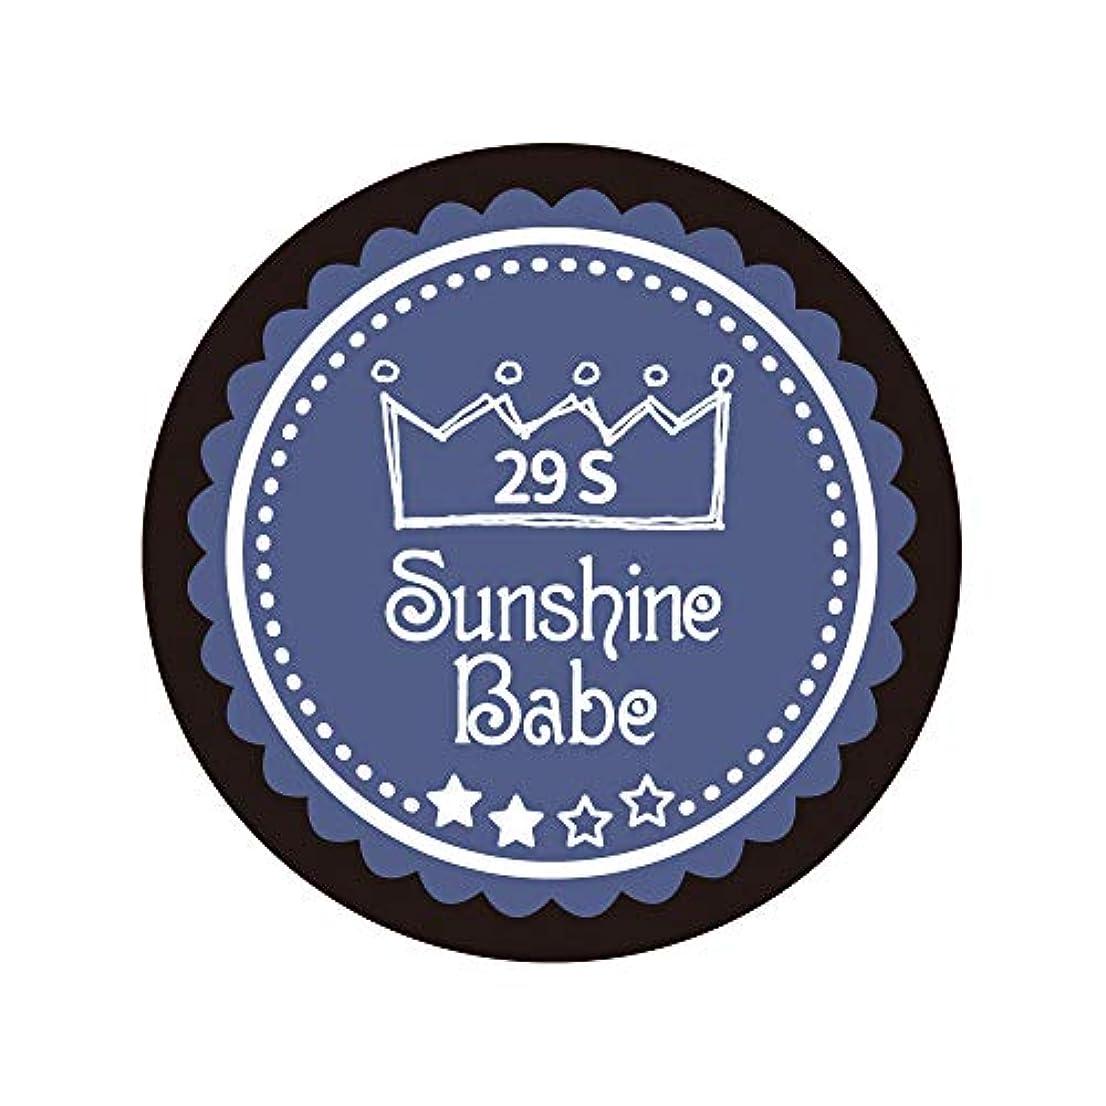 物理的な簿記係うつSunshine Babe カラージェル 29S ネイビーグレー 2.7g UV/LED対応